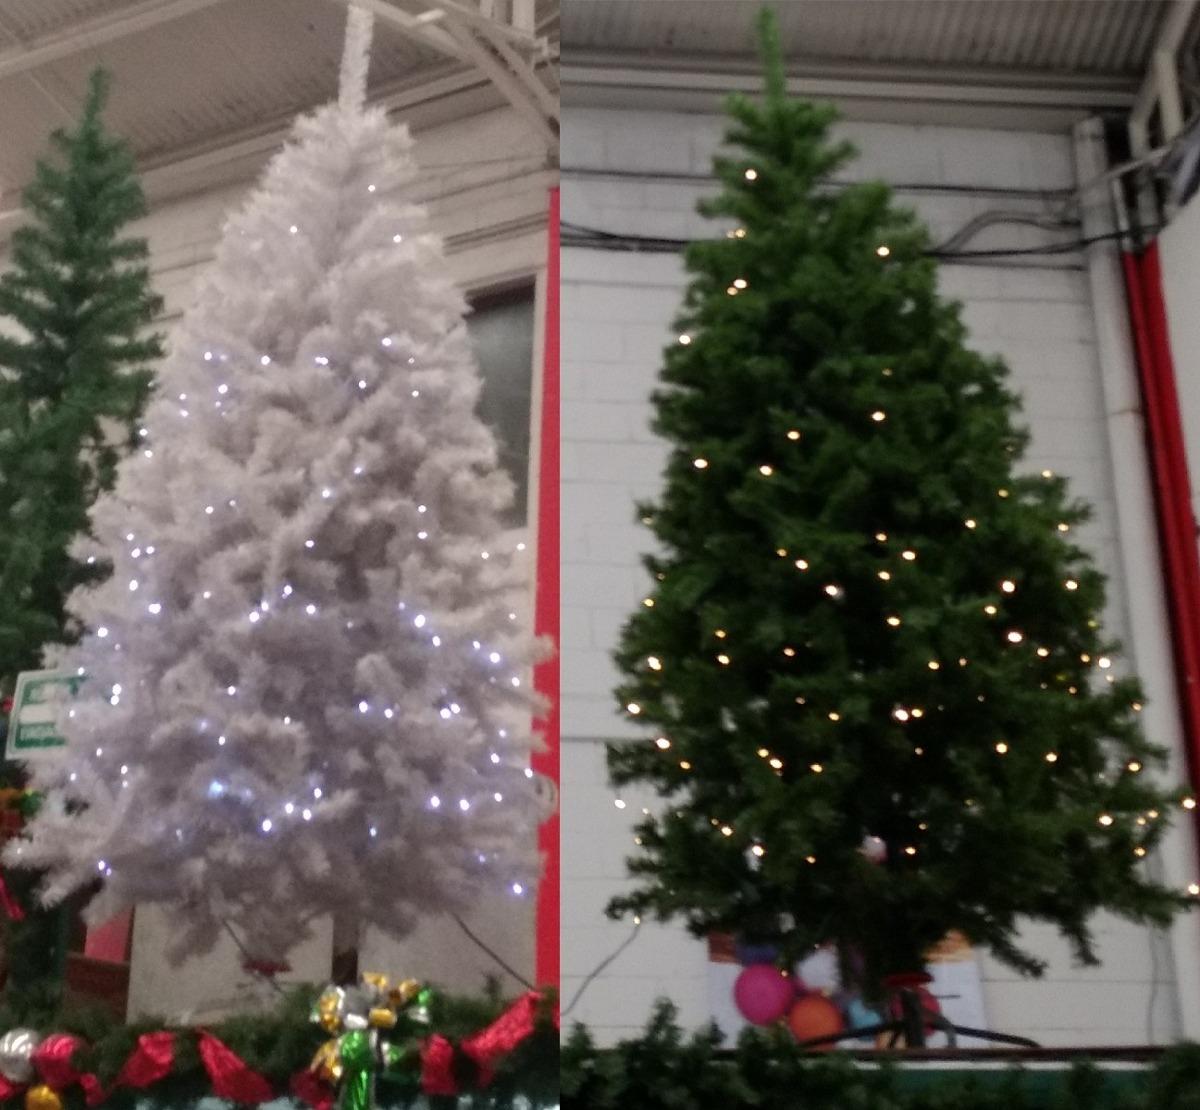 Arbol d navidad artificial vermont 260 luces led mts - Arbol navidad led ...